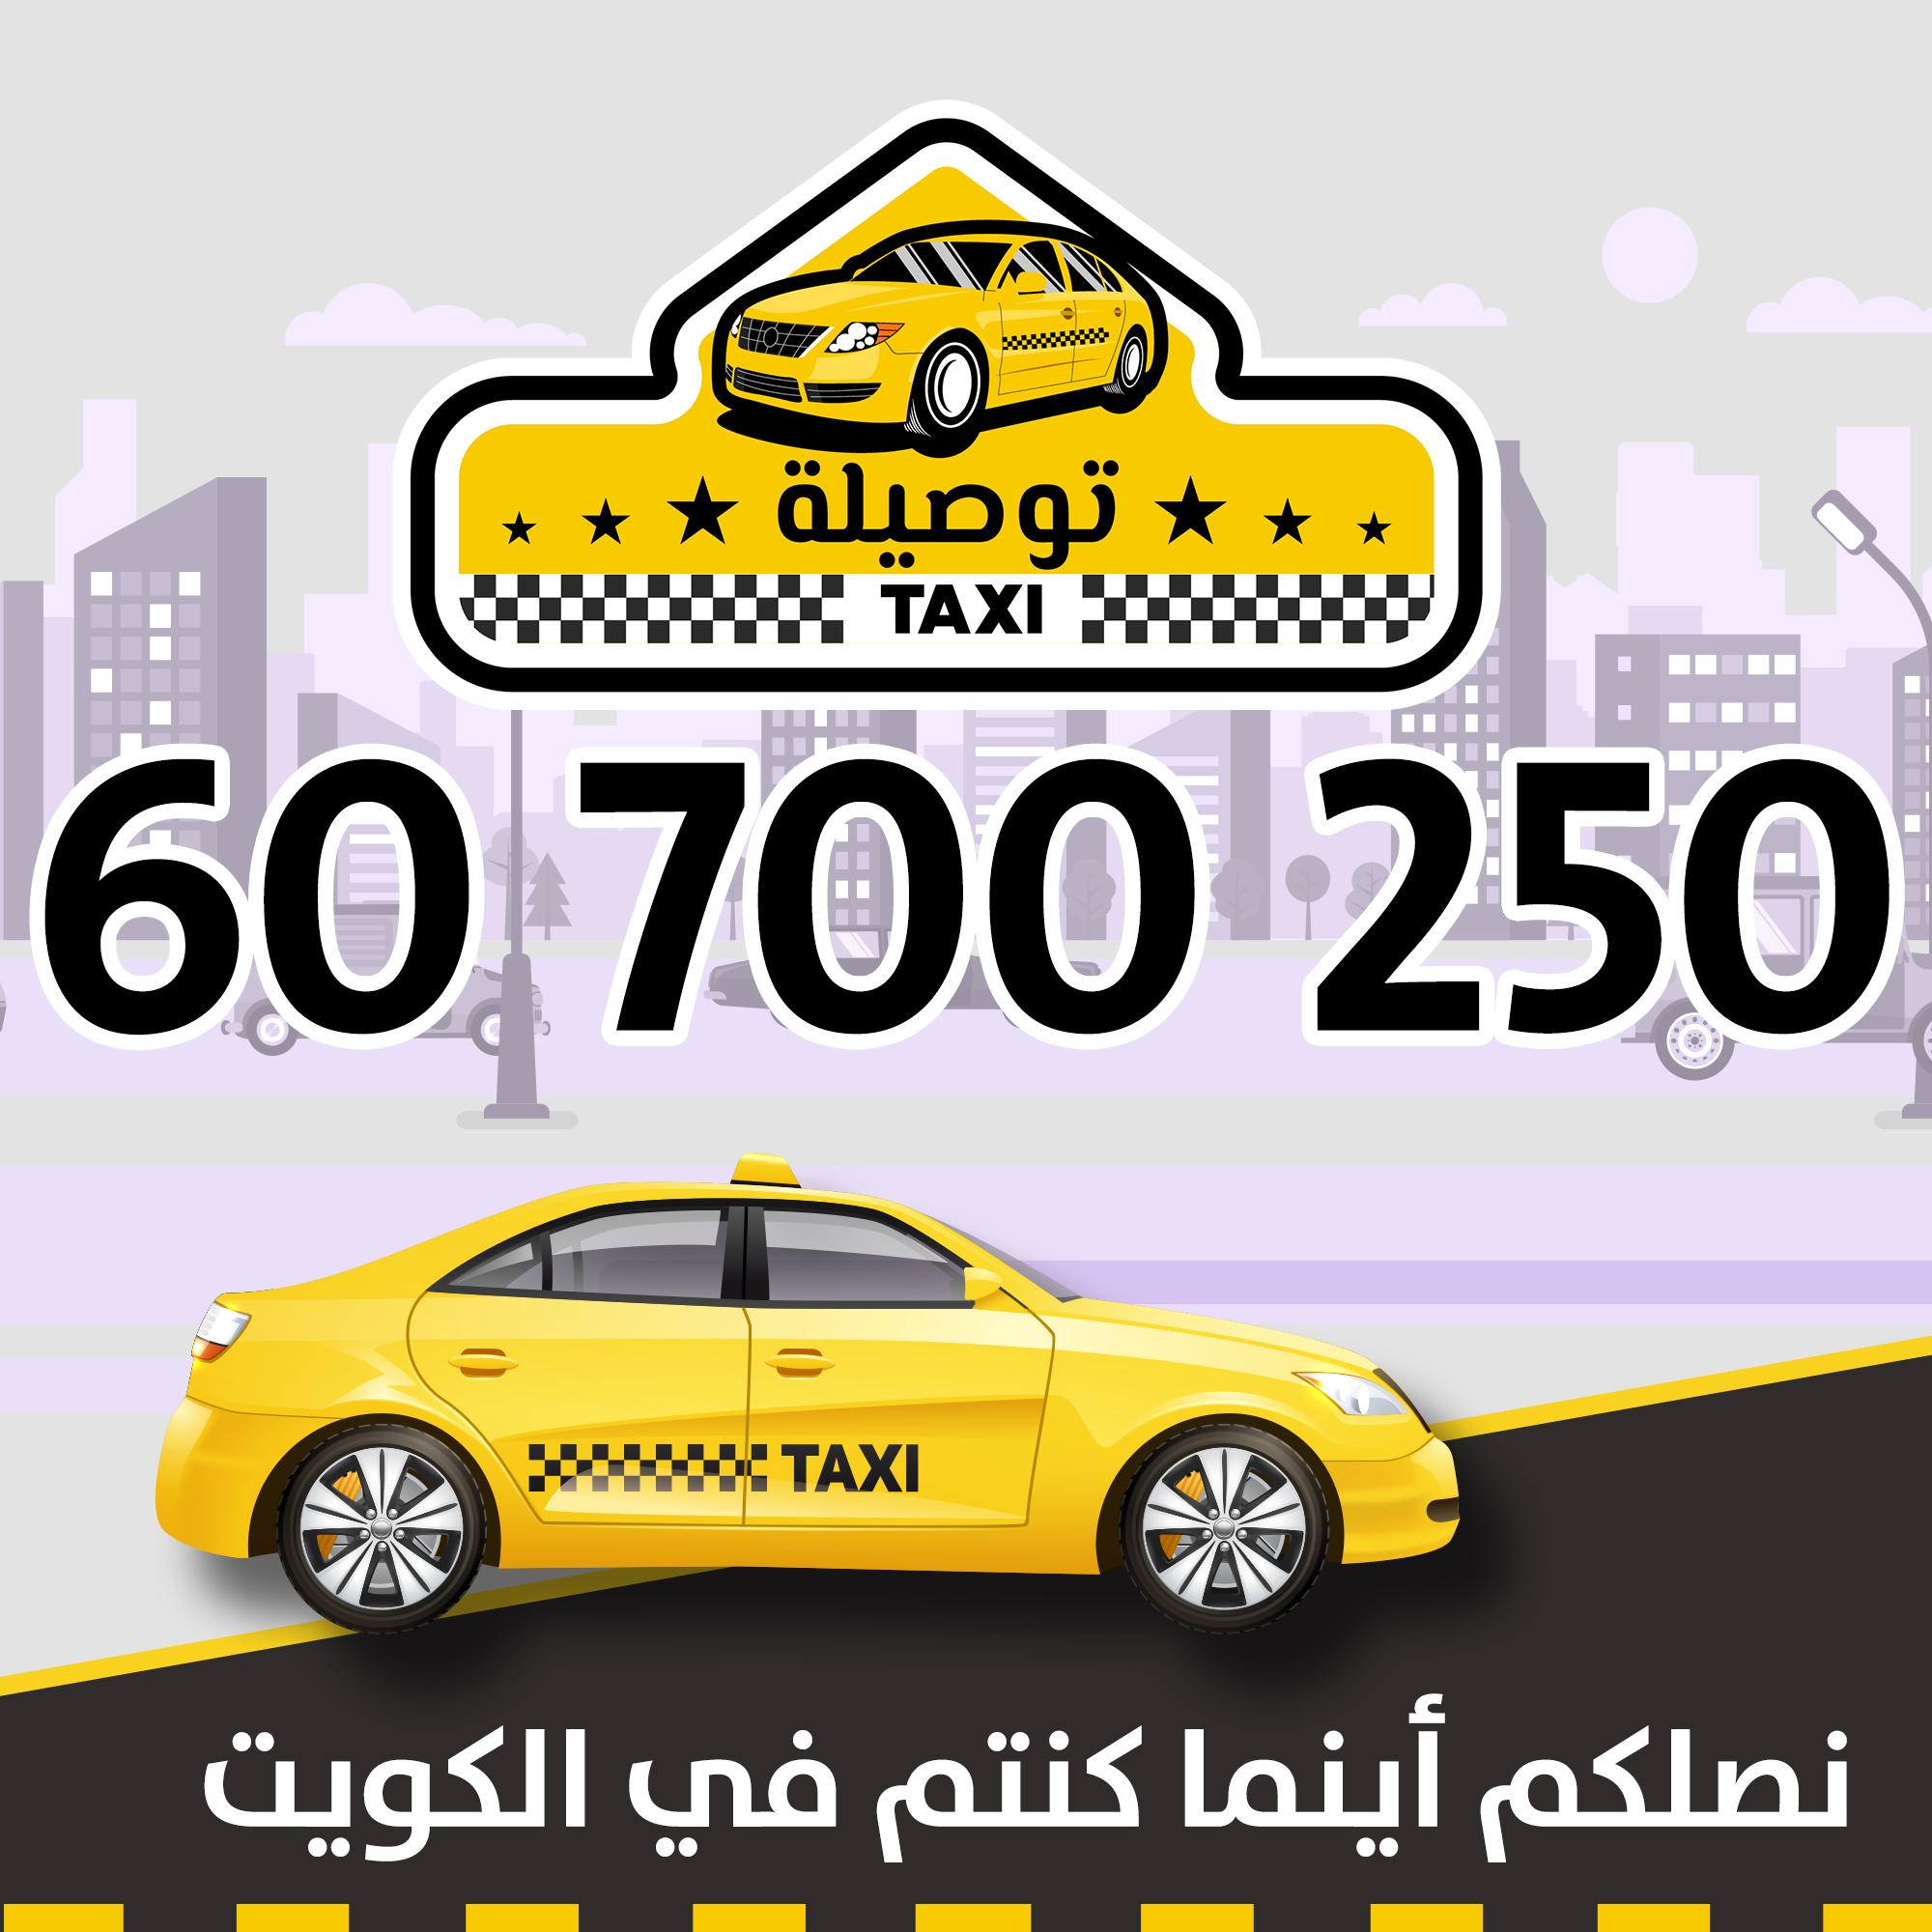 تاكسي توصيلة في شارع ابن رشد